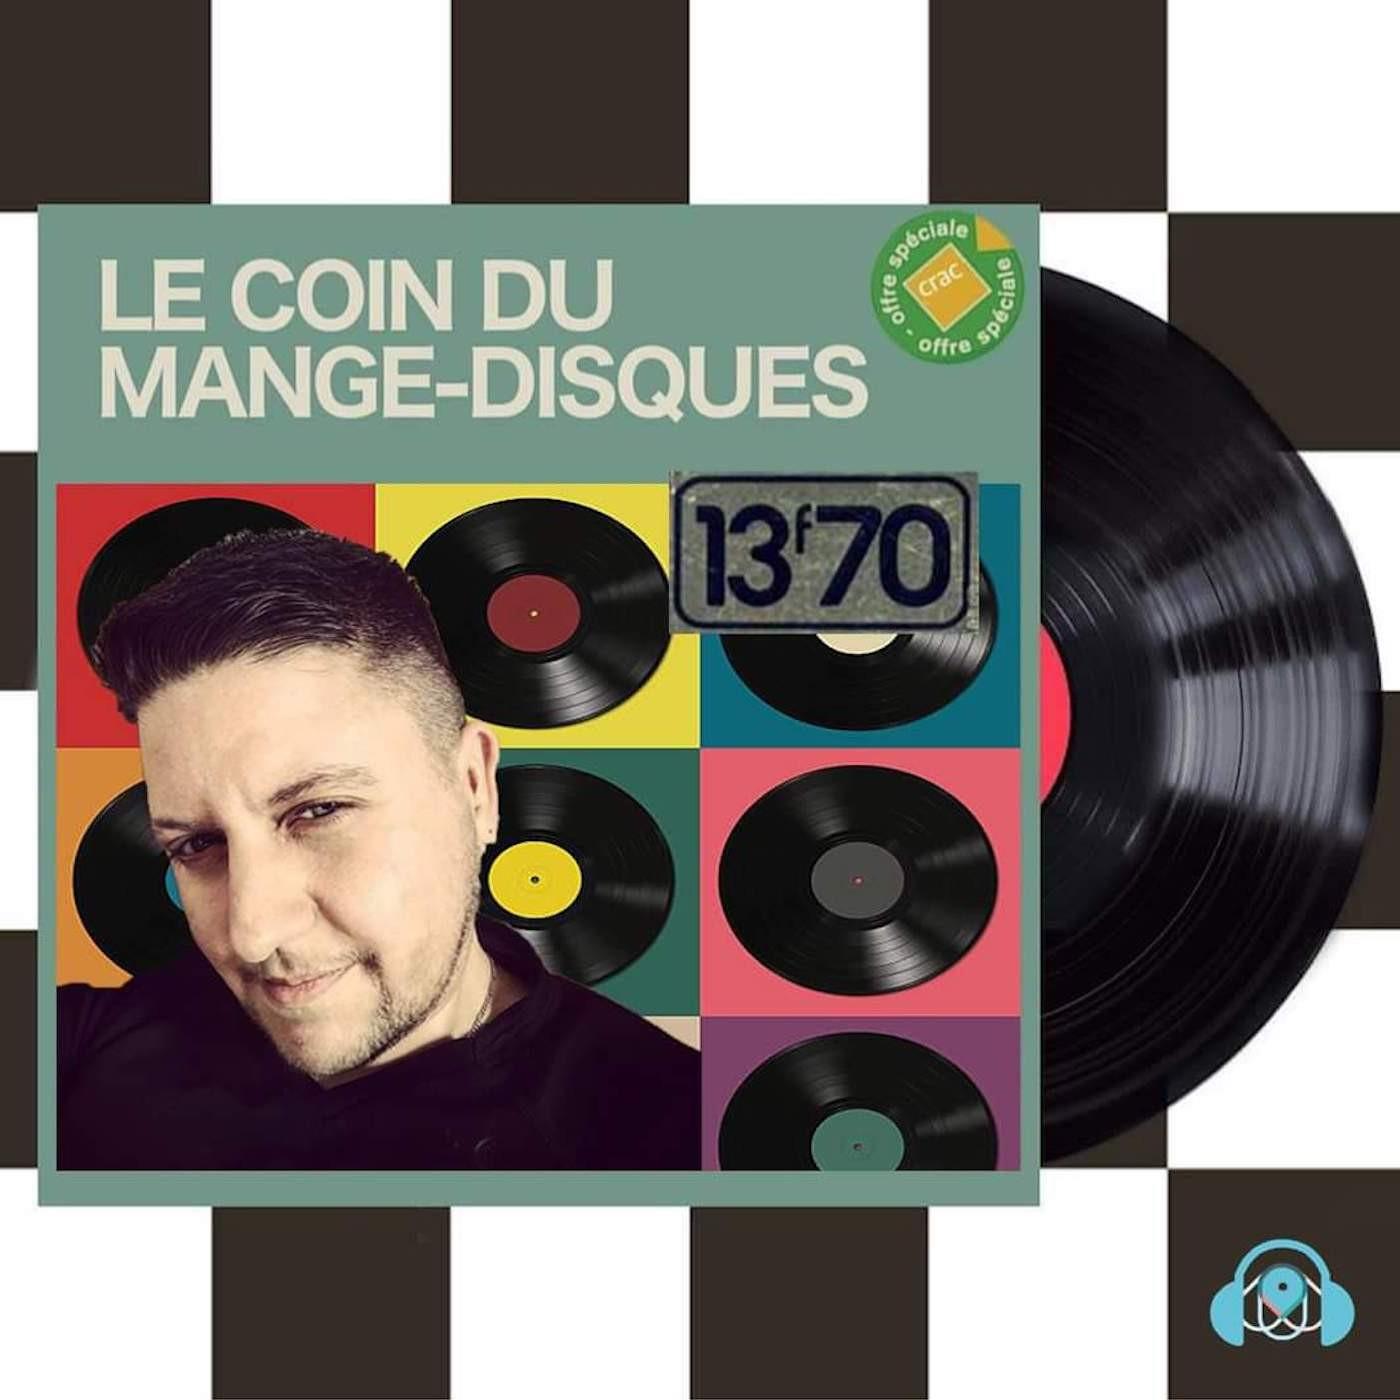 LE COIN DU MANGE-DISQUES S1E1